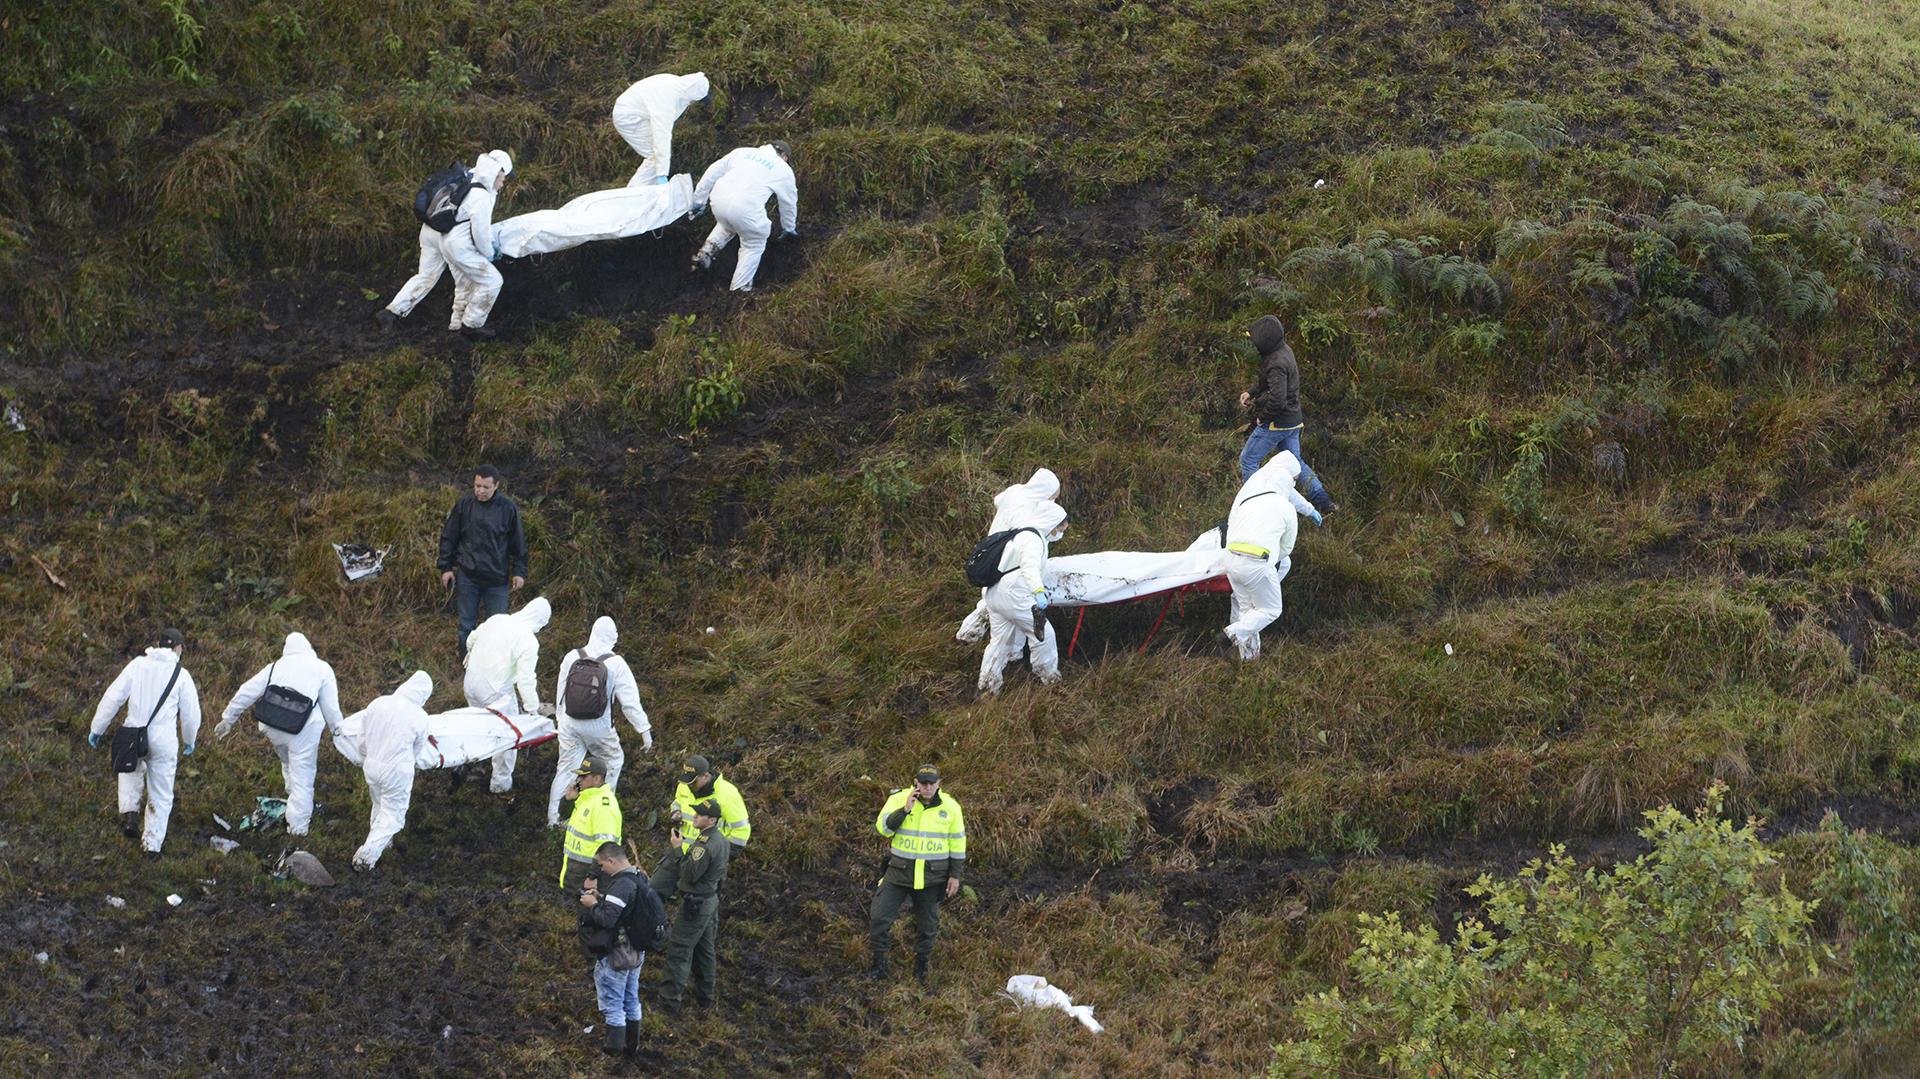 El fotógrafo Luis Benavides de AP fue uno de los primeros reporteros gráficos en llegar hasta el lugar de la tragedia